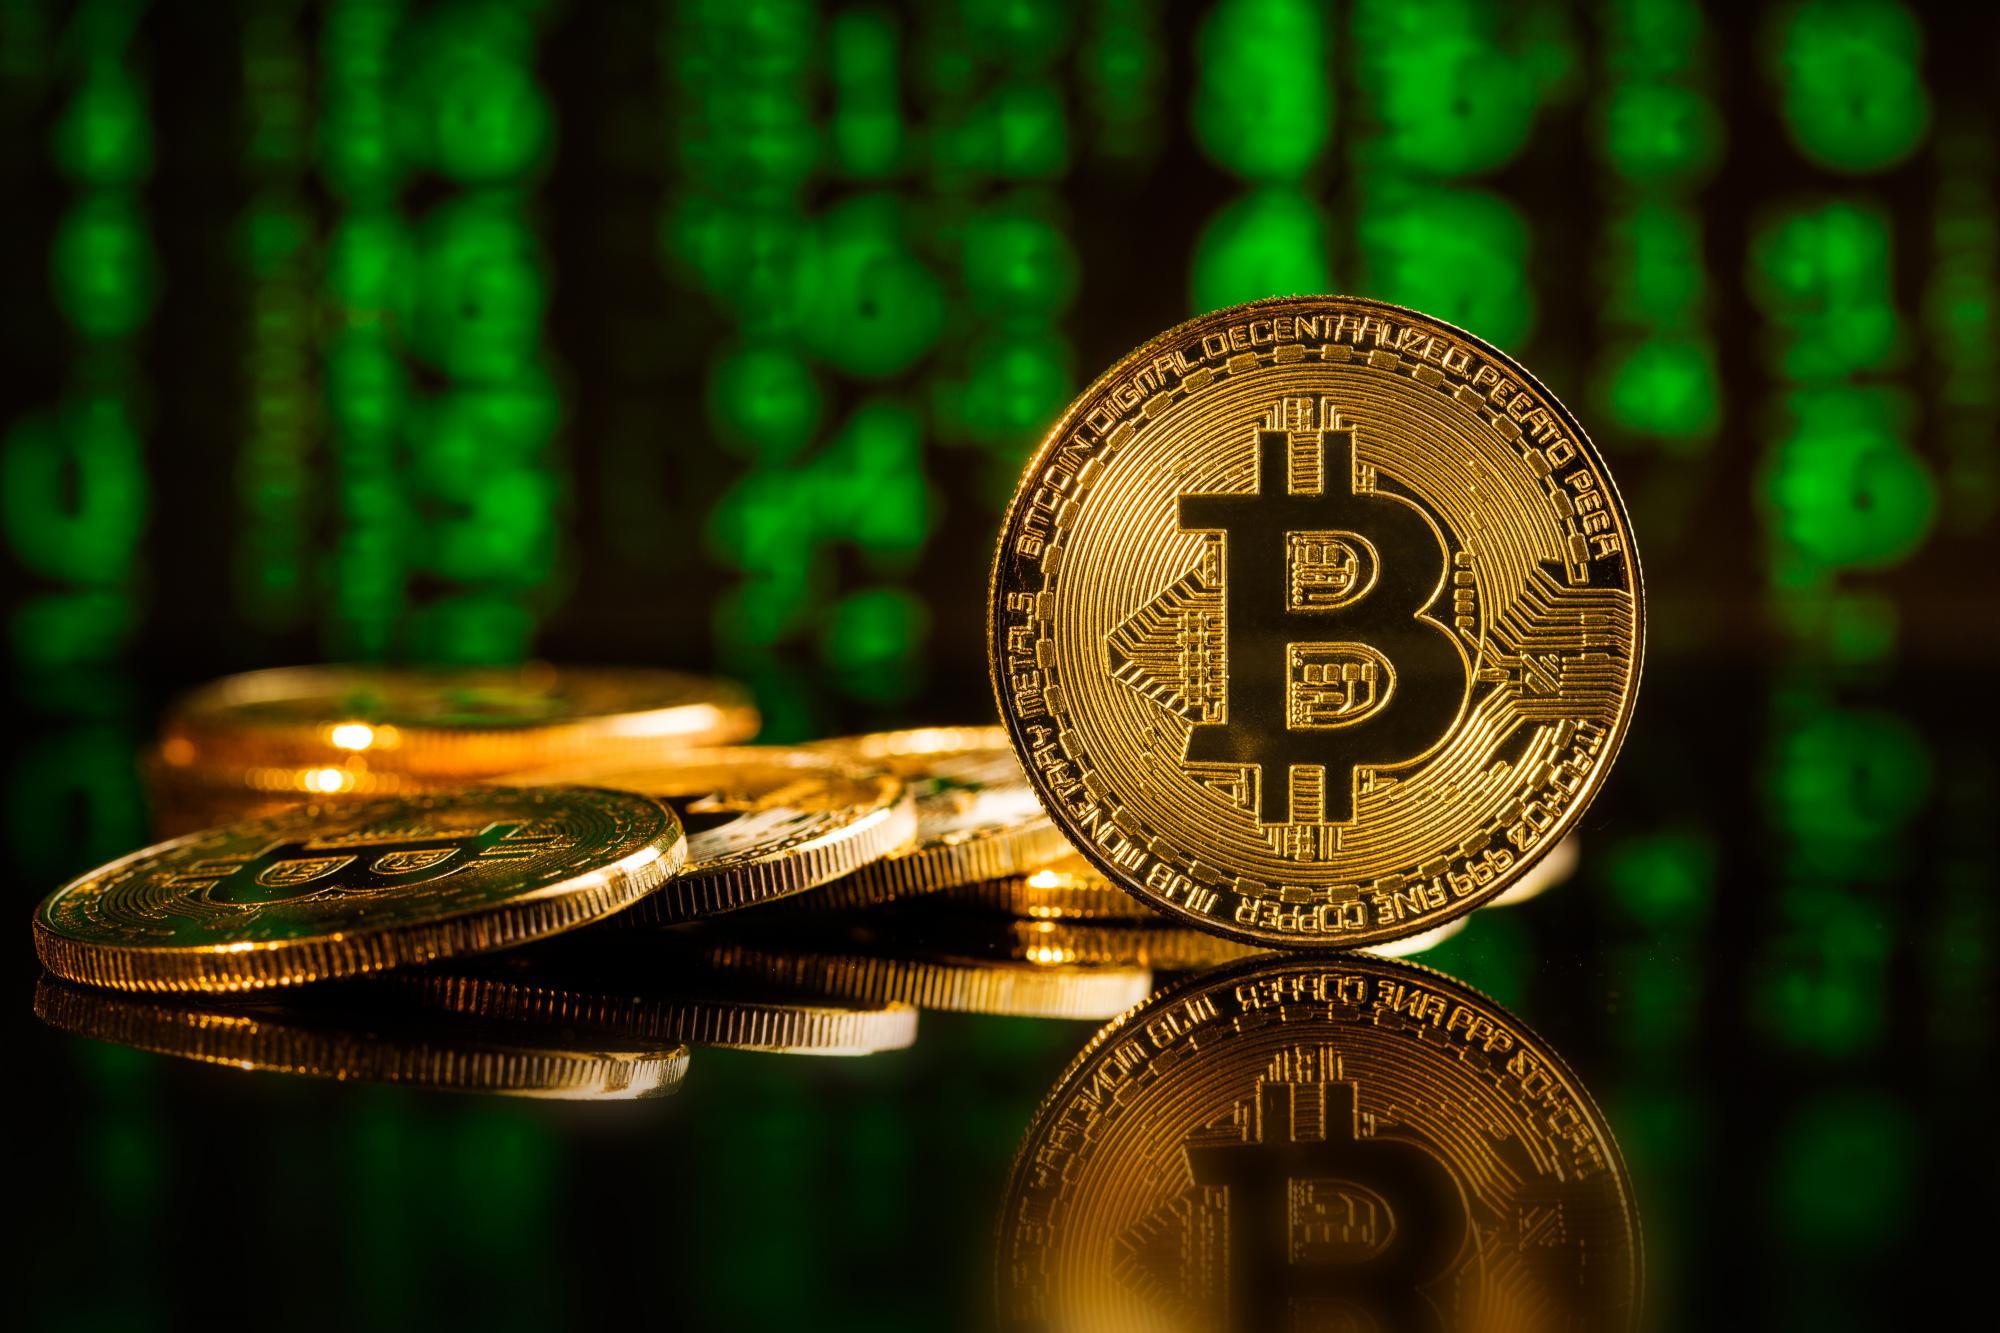 ОЭСР работает над системой налогообложения виртуальной валюты